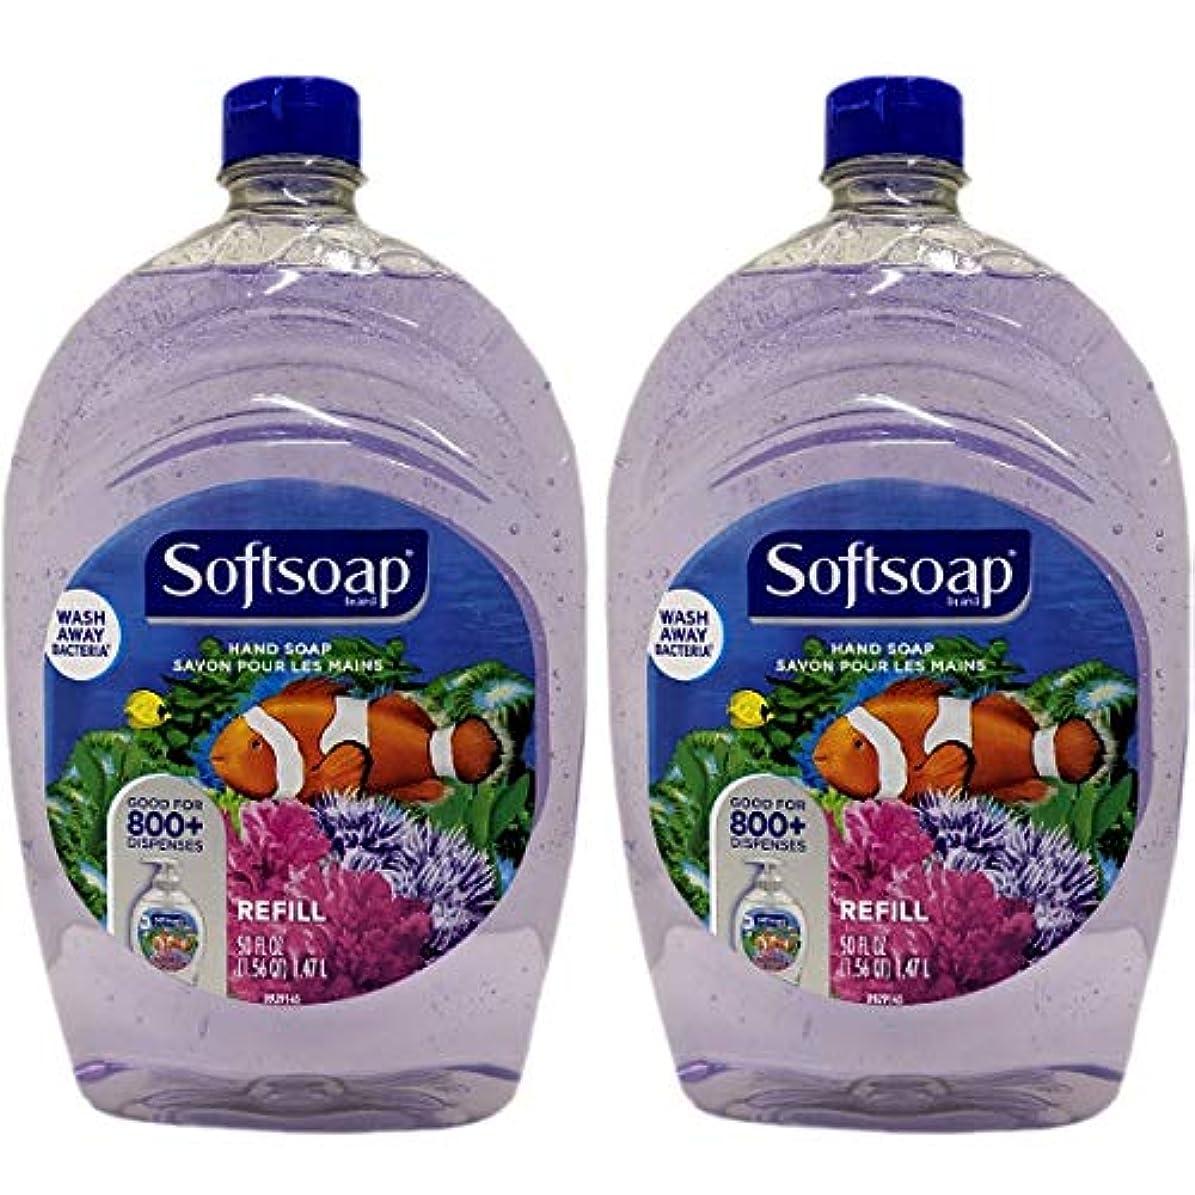 ボーカル統計的一貫性のないSoft Soap ソフトソープ リフィル 1.47L x 2個